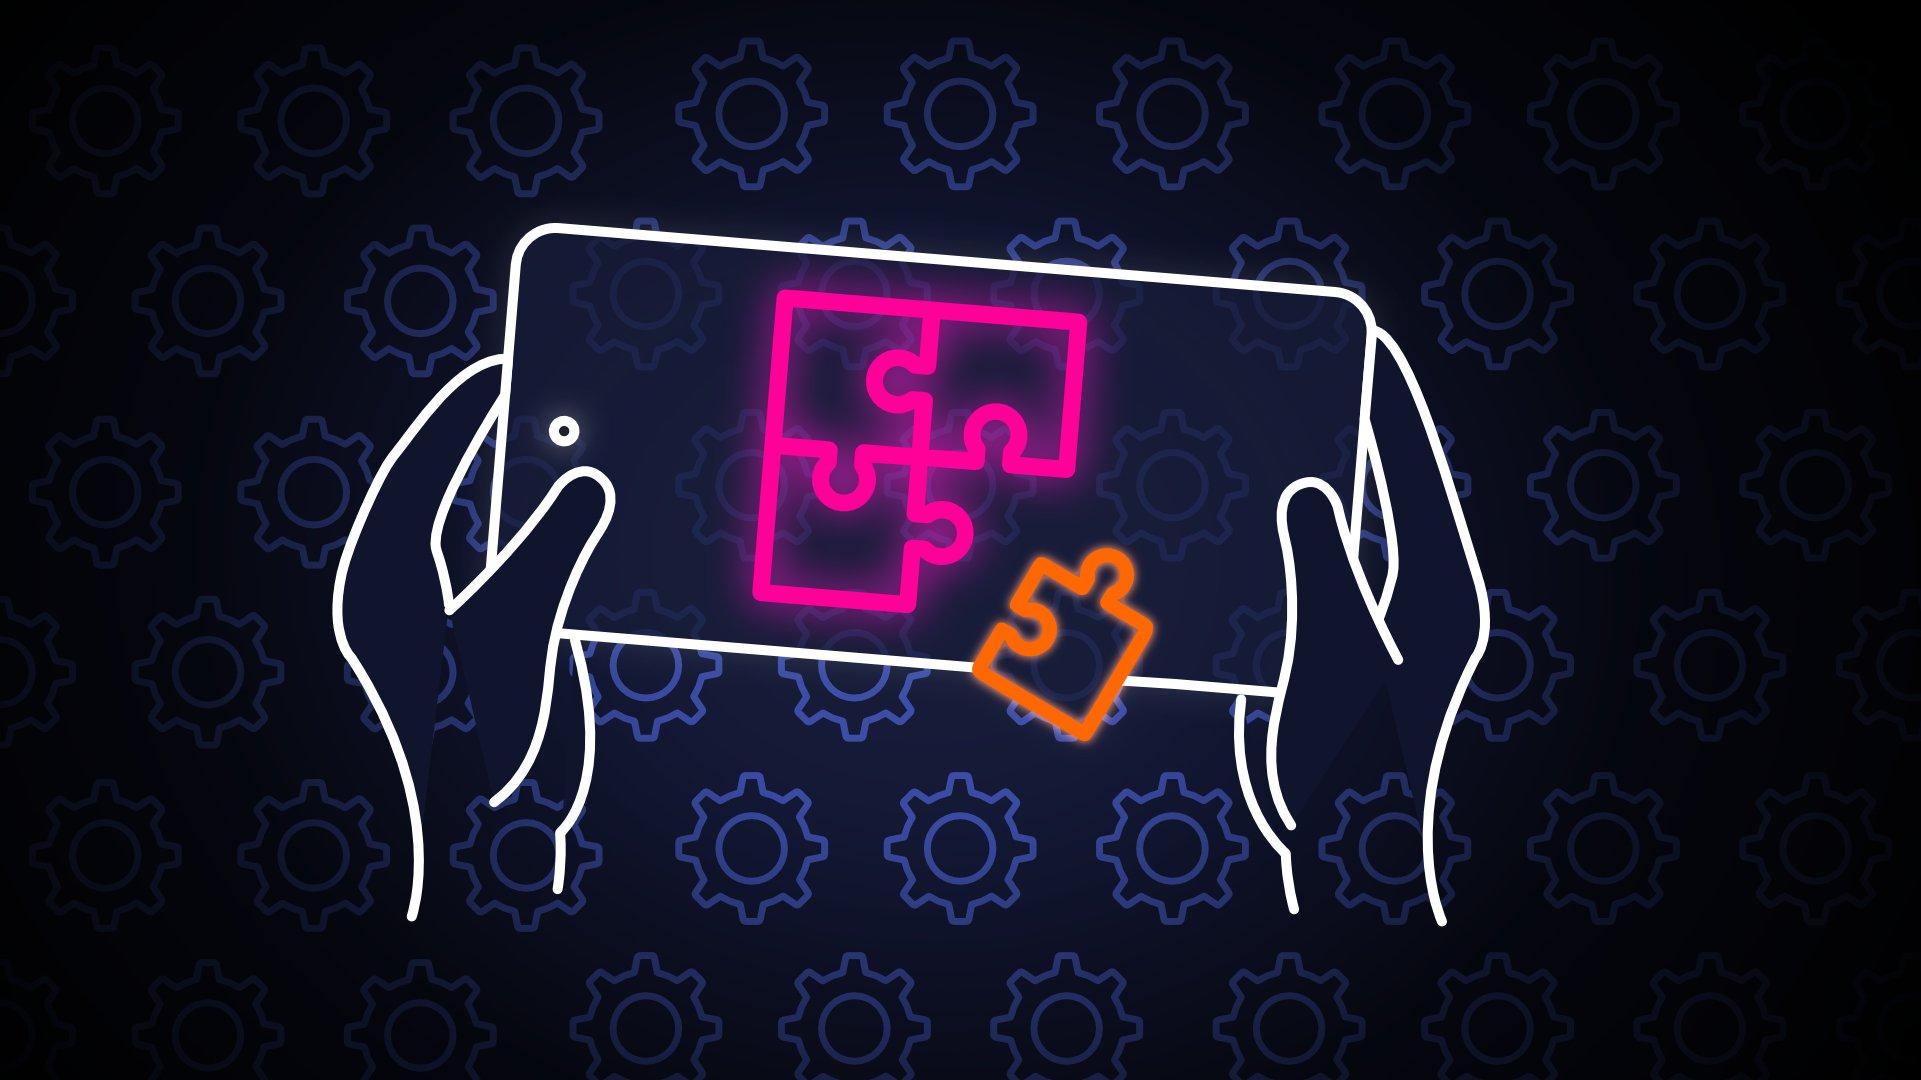 Les Meilleurs Jeux De Réflexion Gratuits Et Payants Sur Android à Jeu Pour Garcon De 6 Ans Gratuit